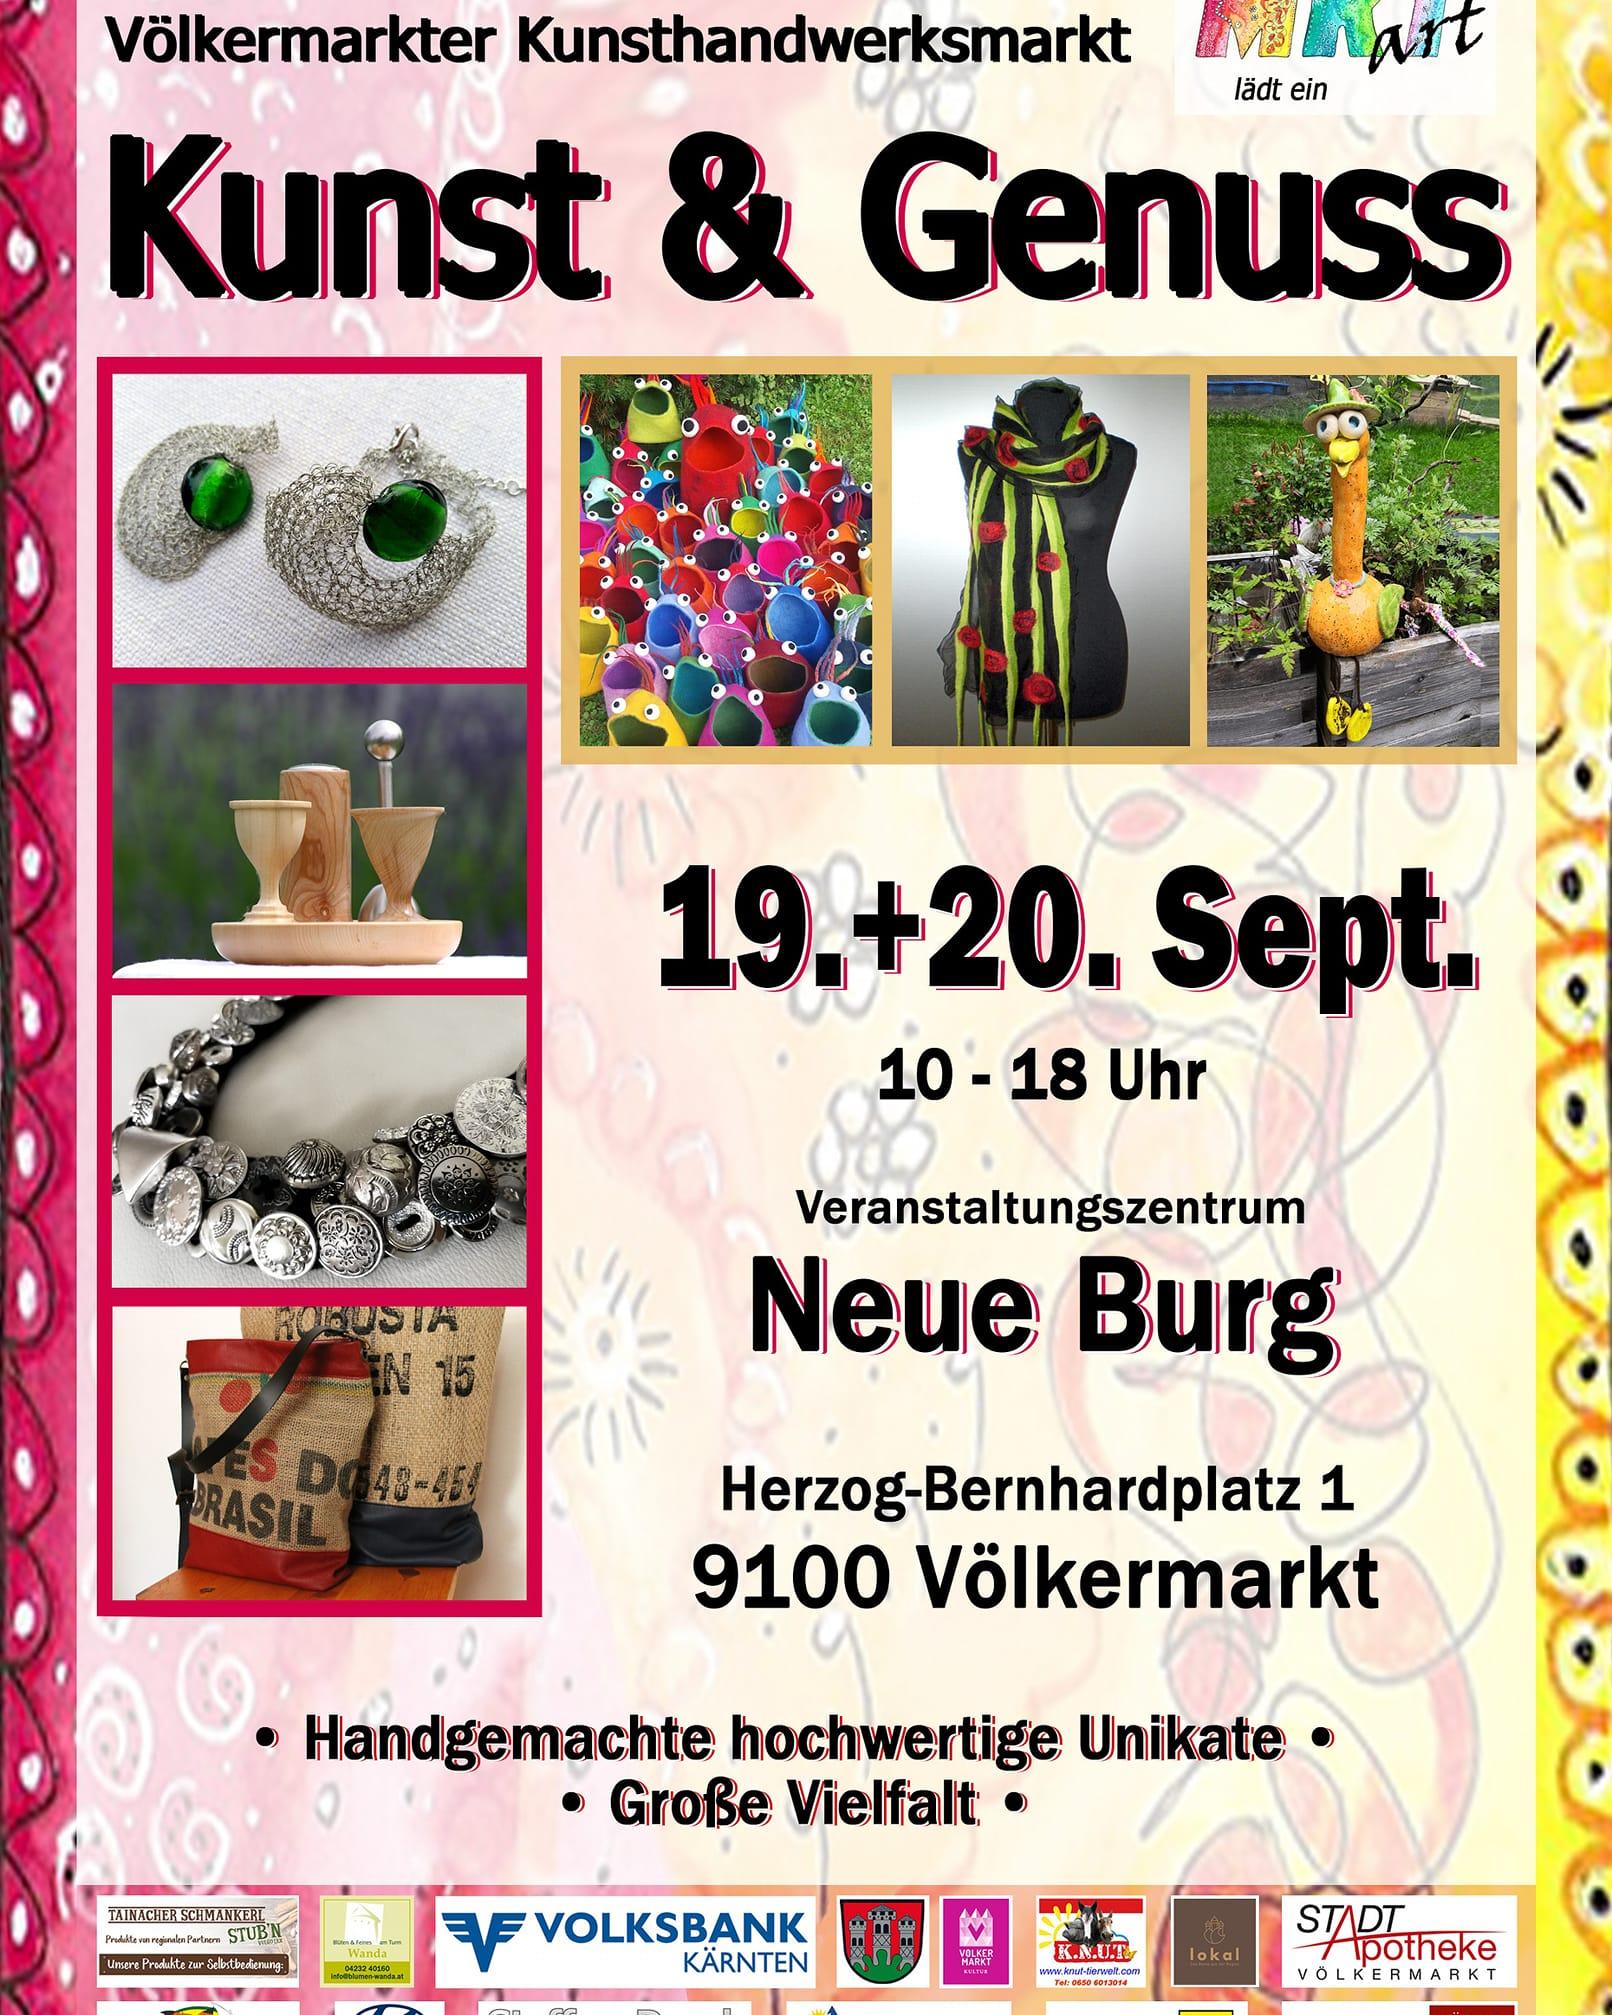 19. – 20.9.2020: Kunst & Genuss Markt in Völkermarkt